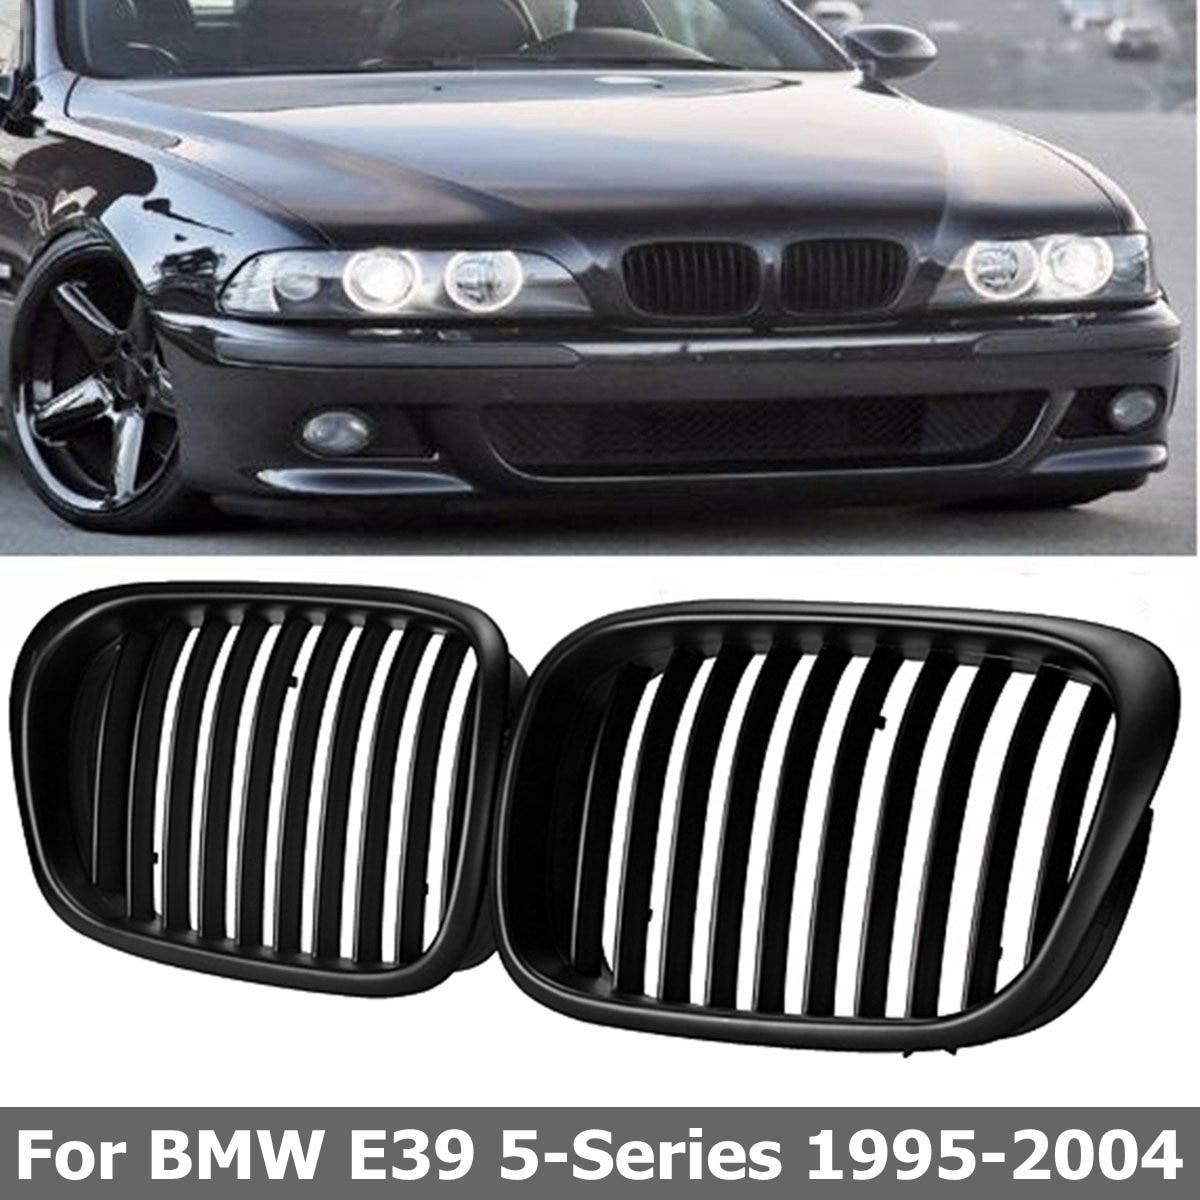 2 Pcs OEM Style De Voiture Avant Noir Large Calandre Grill pour BMW E39 5 série 1997 1998 1999 2000 2001 2002 2003